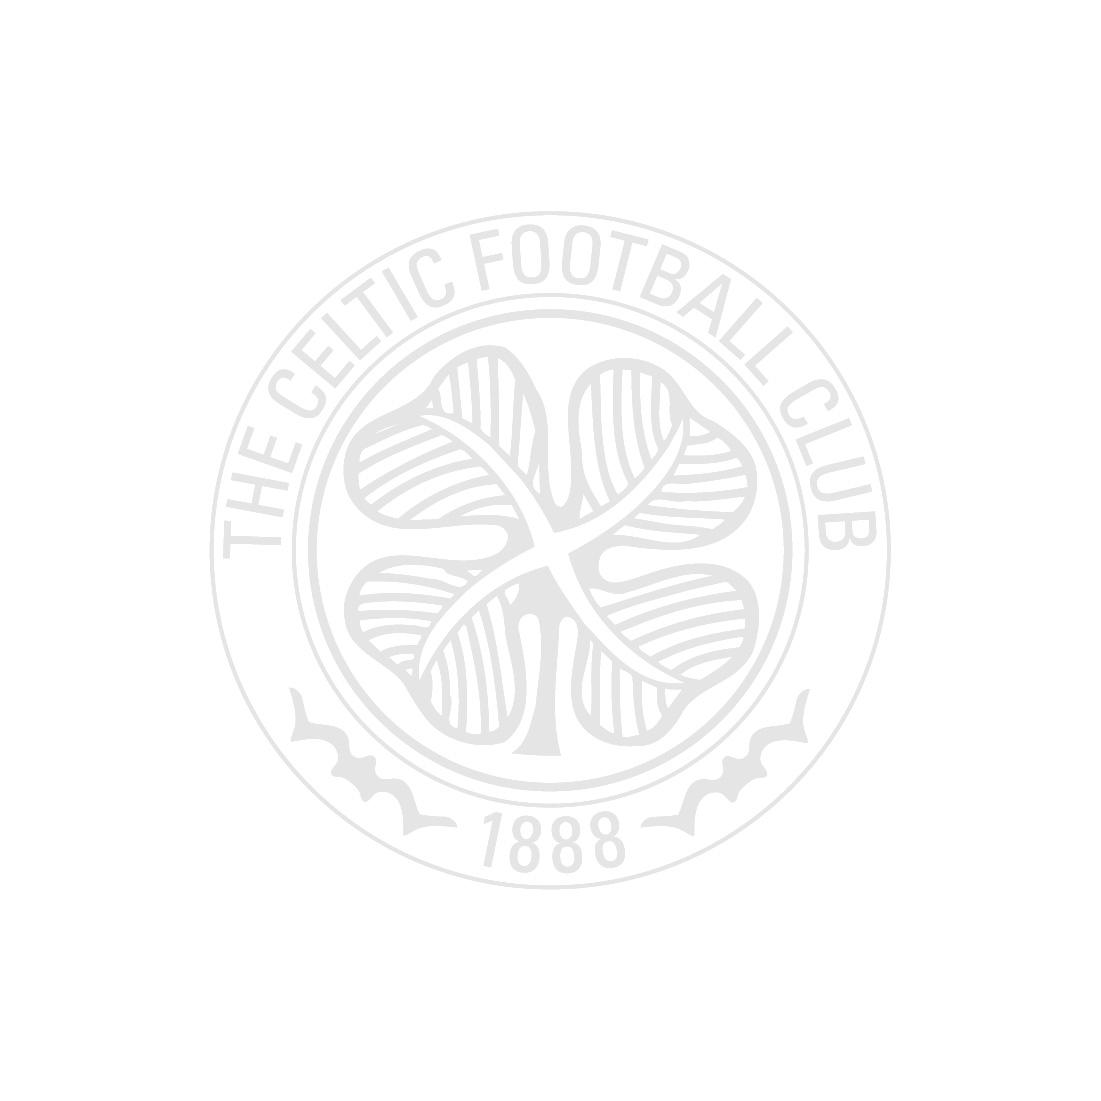 Scott Brown Crest Print